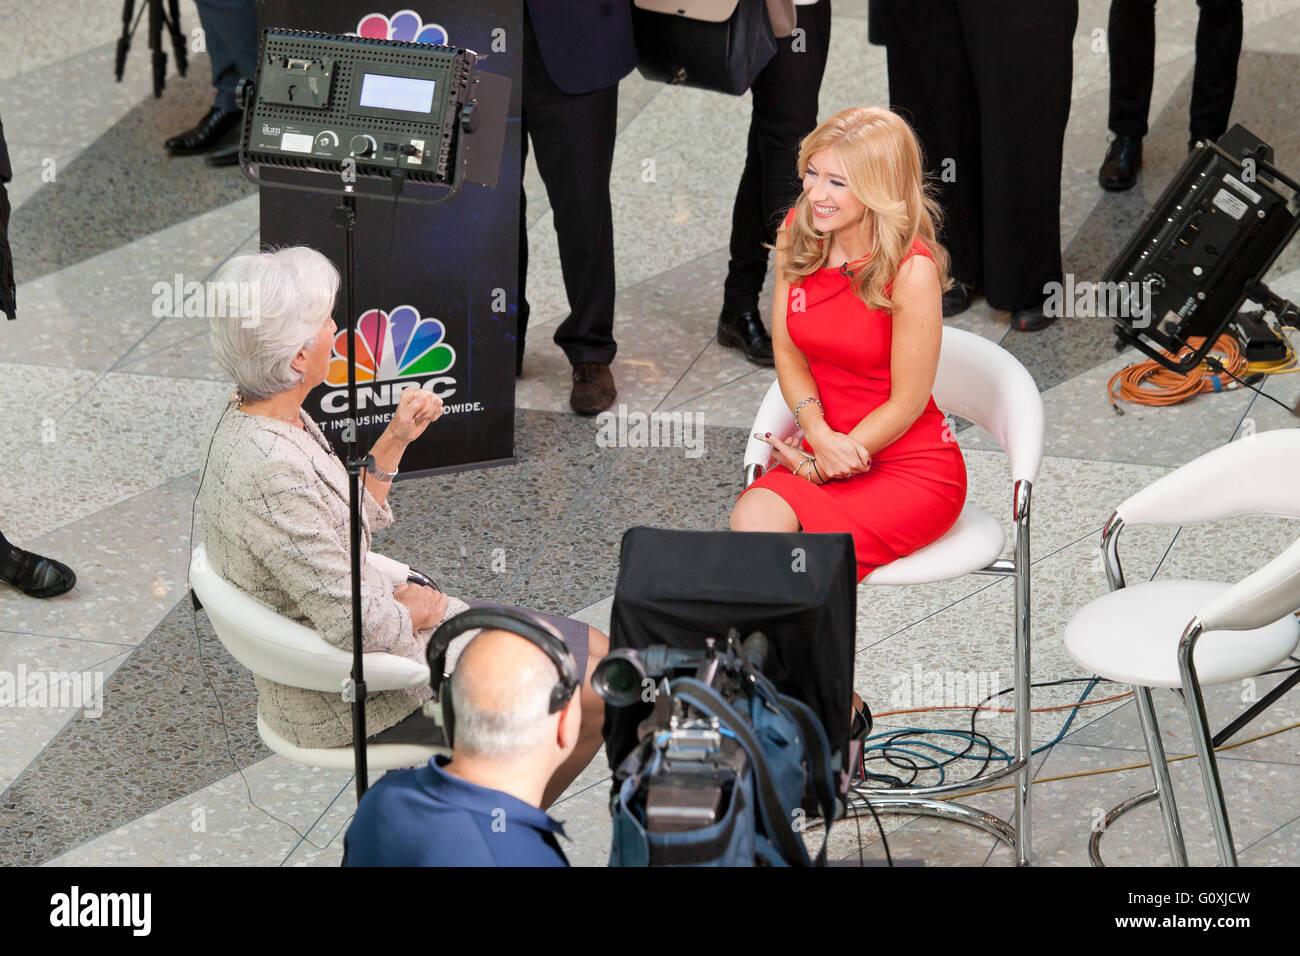 Sara Eisen of CNBC news interview set of Christine Lagarde